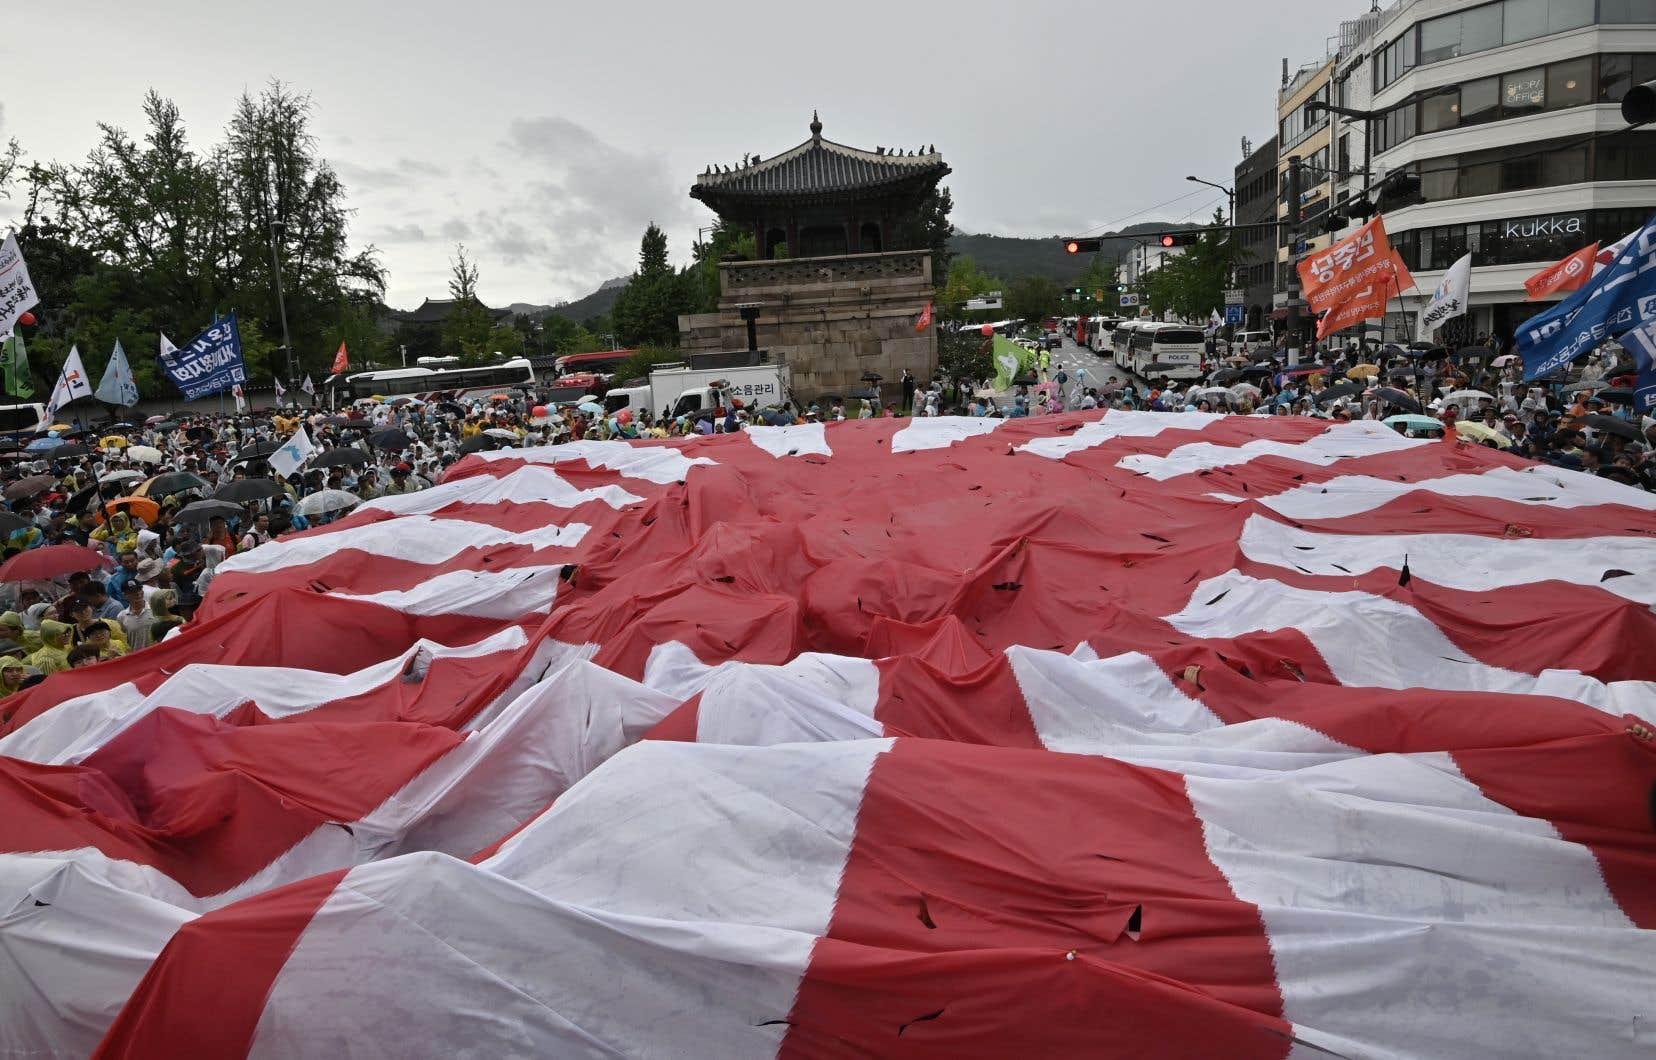 Des manifestants sud-coréens déchirent un énorme drapeau japonais du soleil levant lors d'un rassemblement anti-japonais marquant l'anniversaire de la libération de la Corée du régime colonial japonais de 1910-1945.